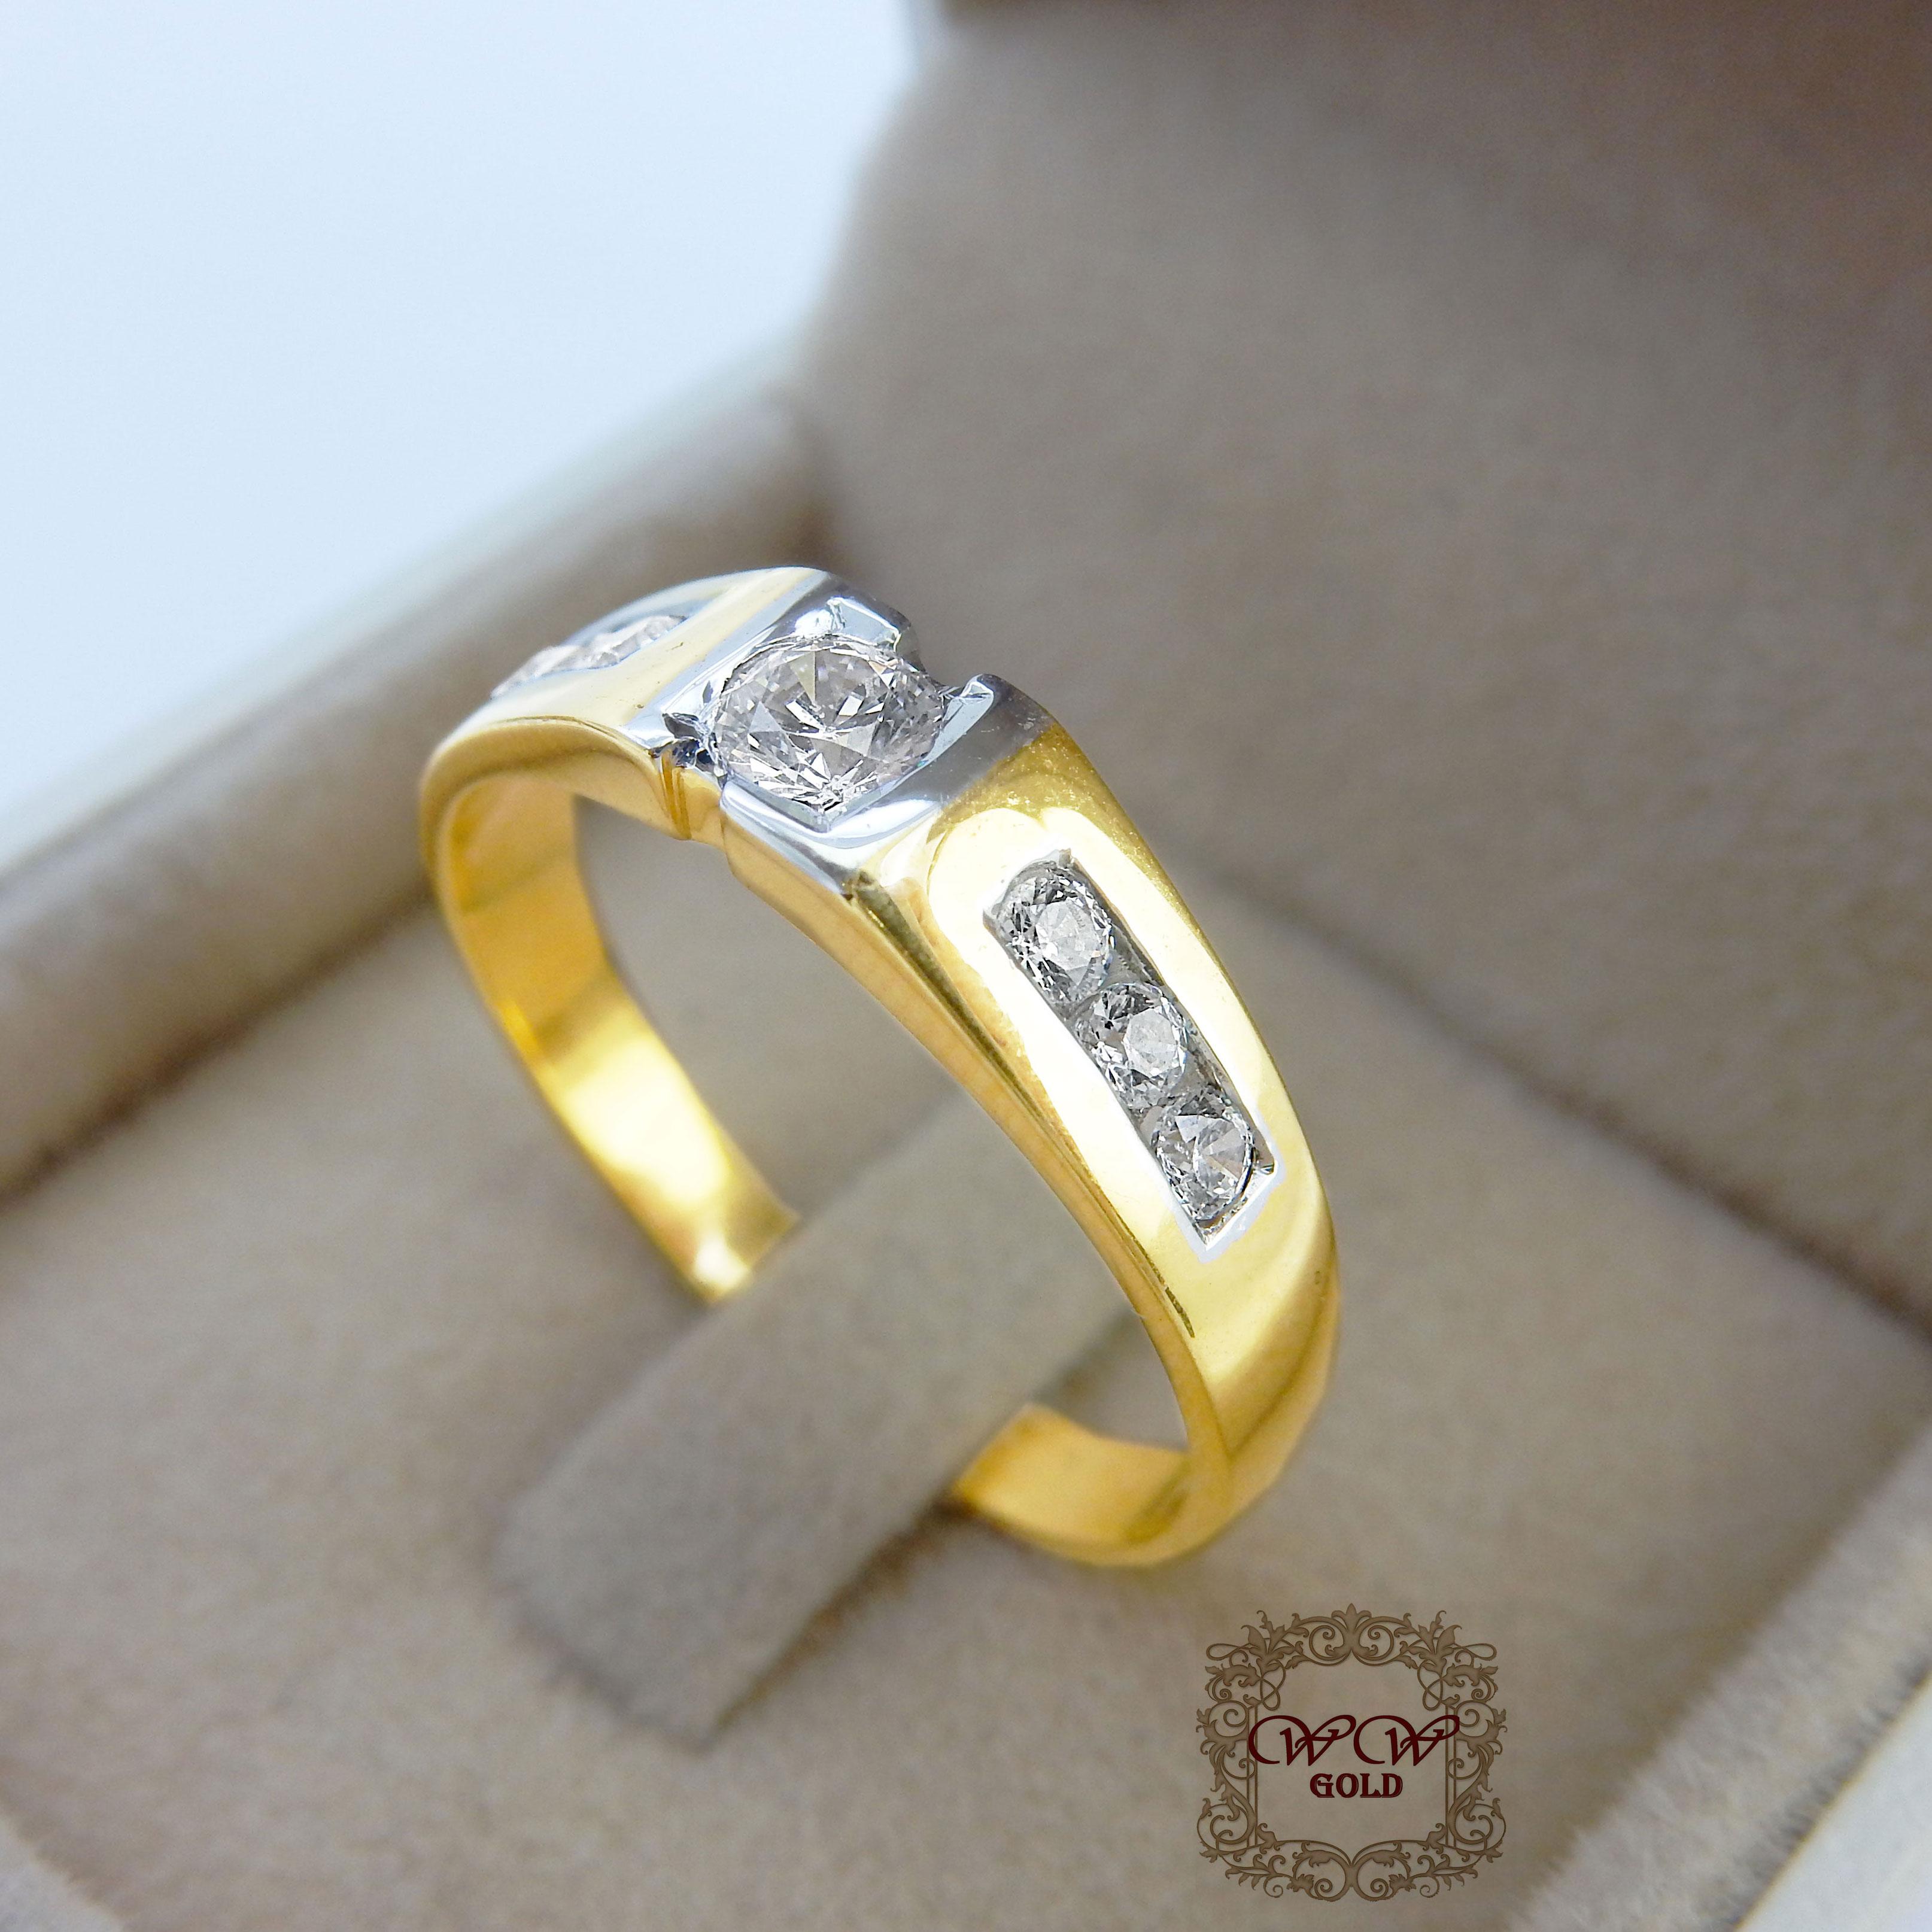 แหวนผู้ชาย (เพชรสวิส cz)